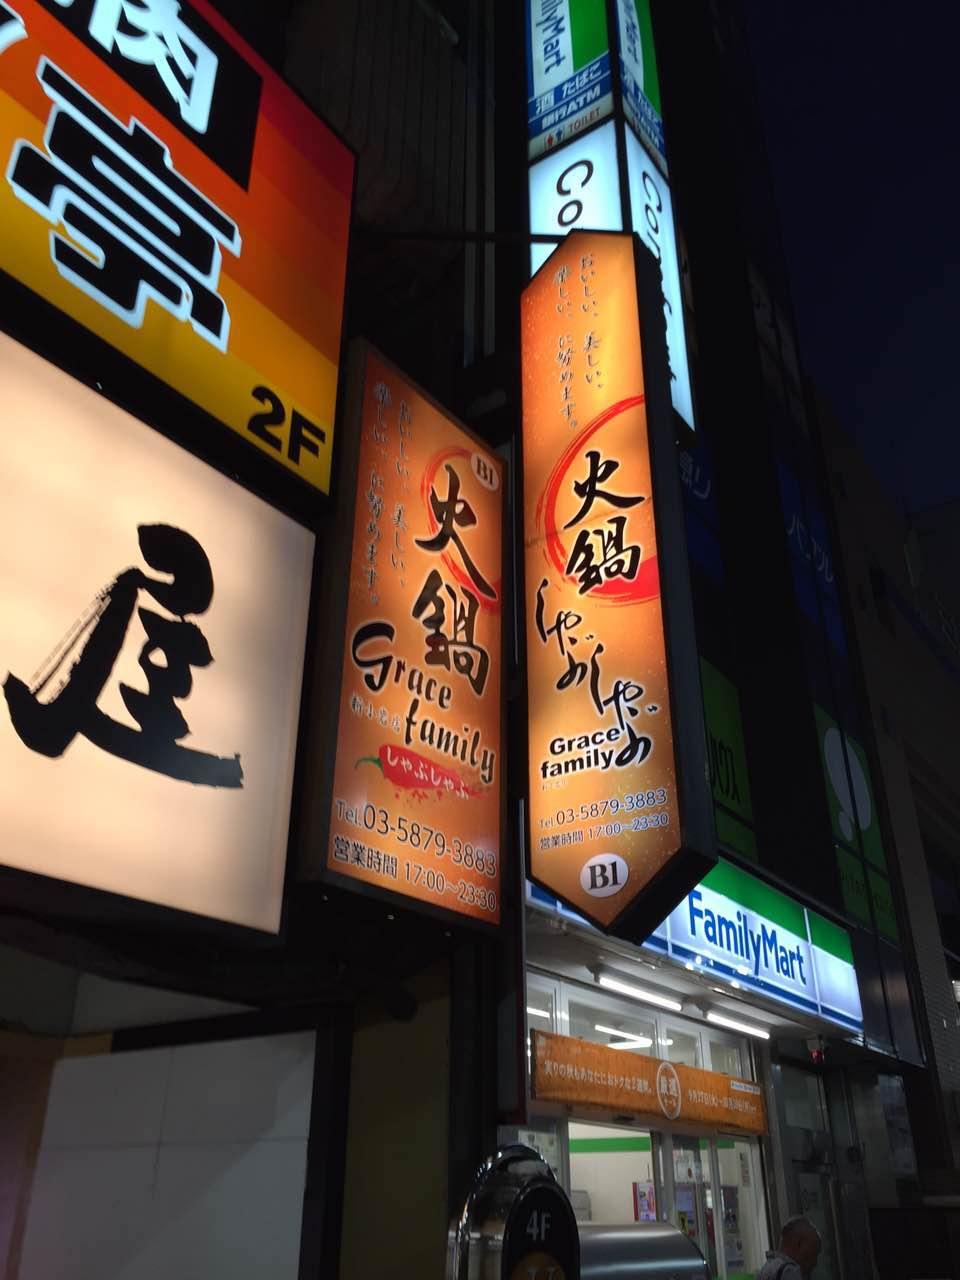 しゃぶしゃぶ店の袖看板と電飾壁面看板